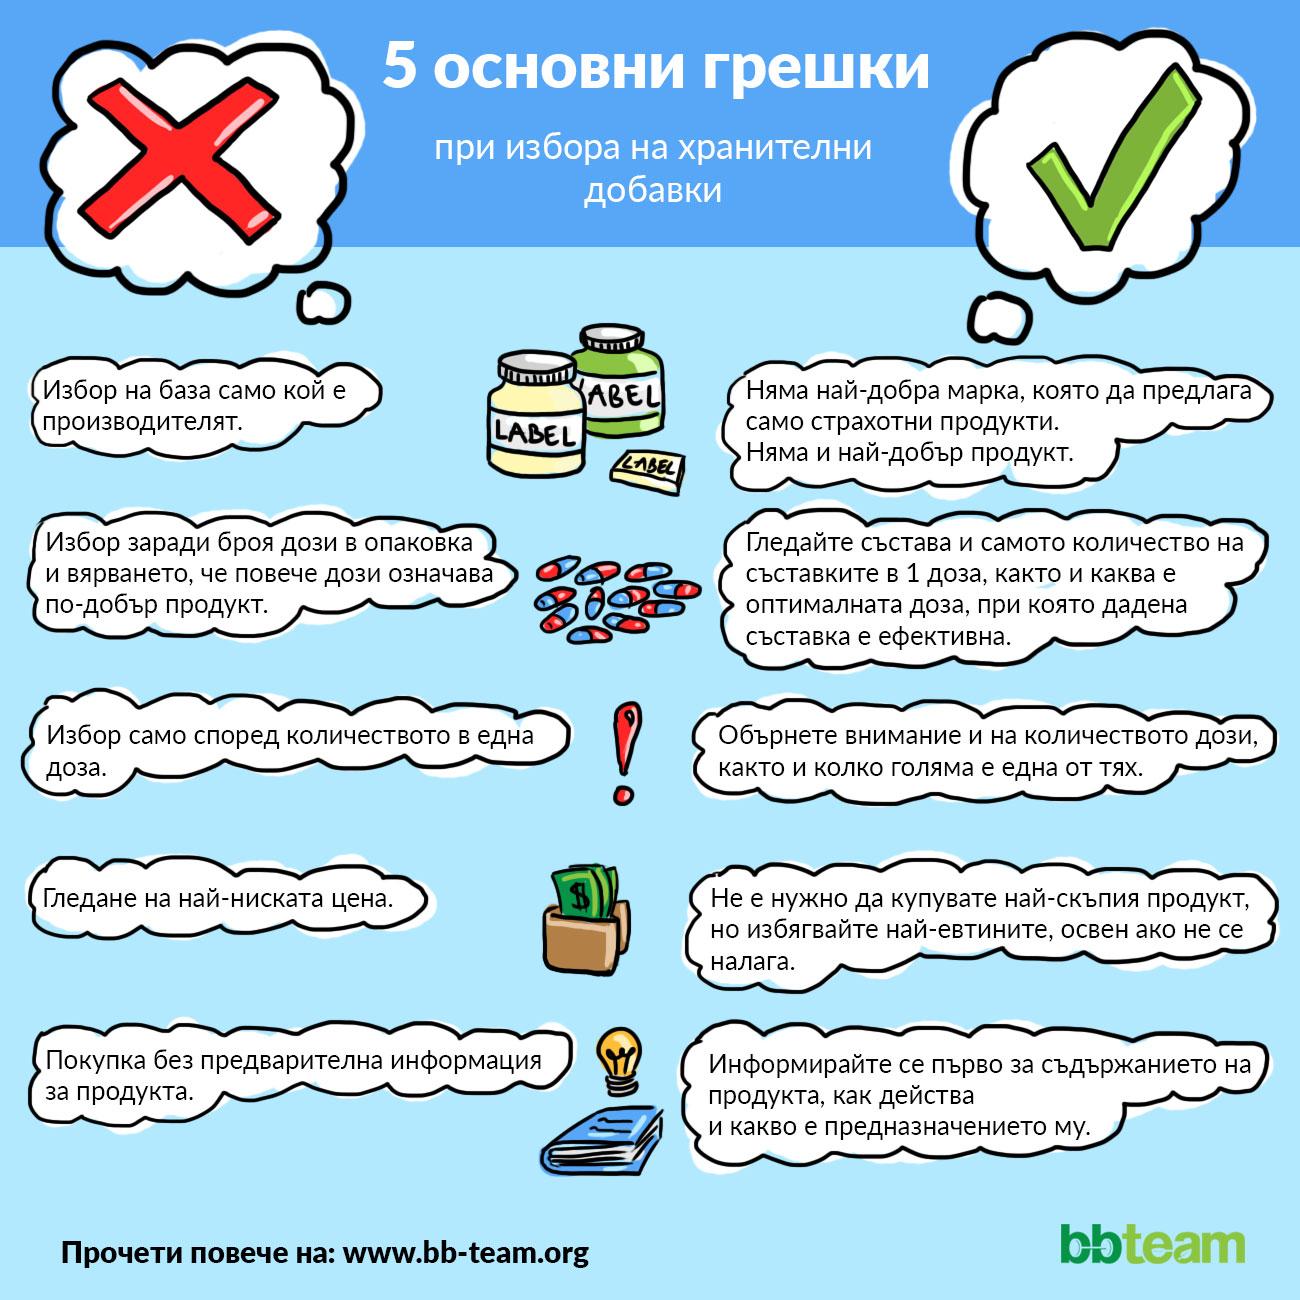 5 основни грешки при избора на хранителни добавки [инфографика]